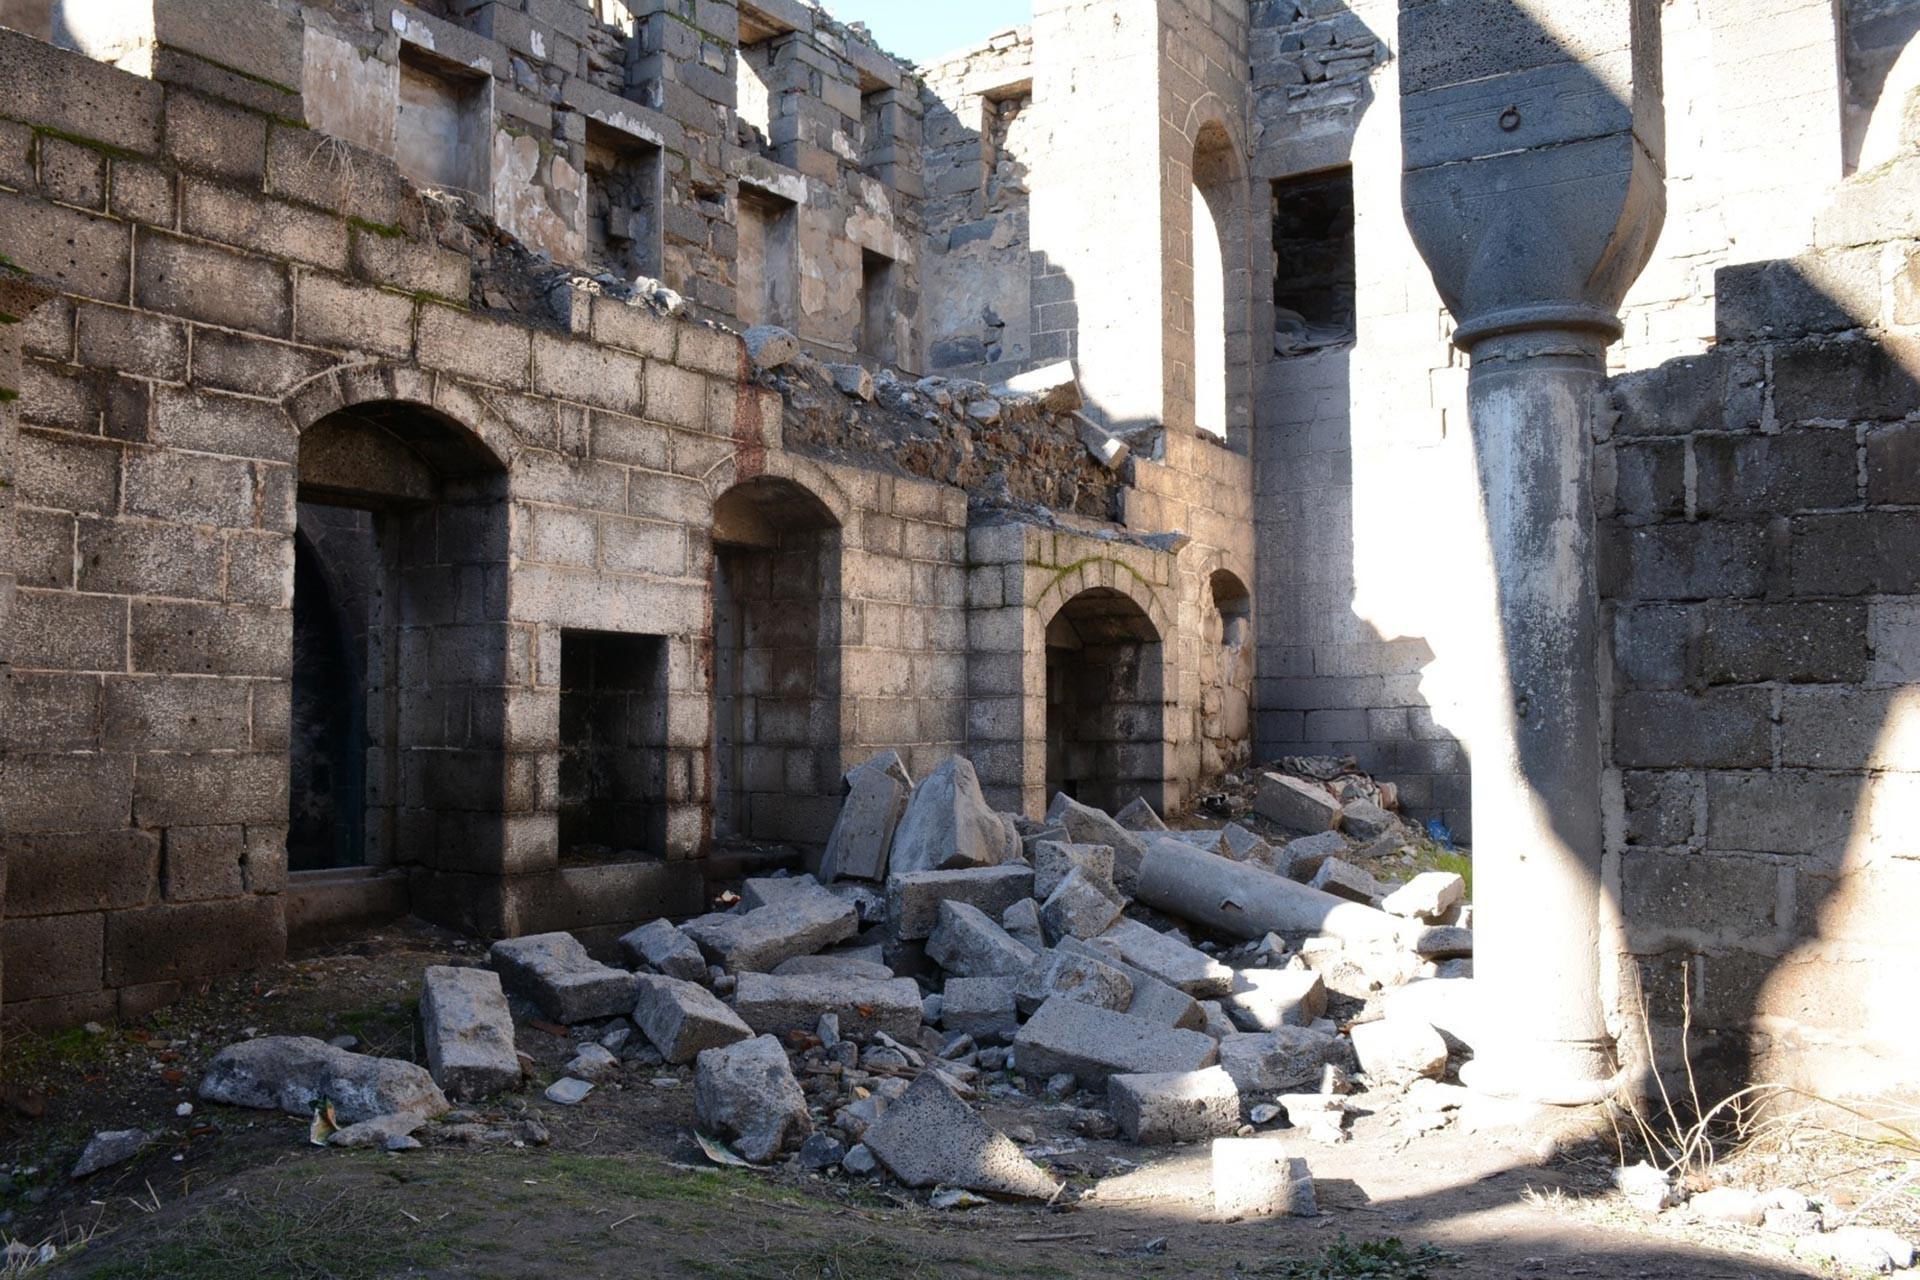 Diyarbakır Sur'da bulunan Surp Sarkis Ermeni Kilisesi'nin (Çeltik Kilisesi) duvarı yıkıldı